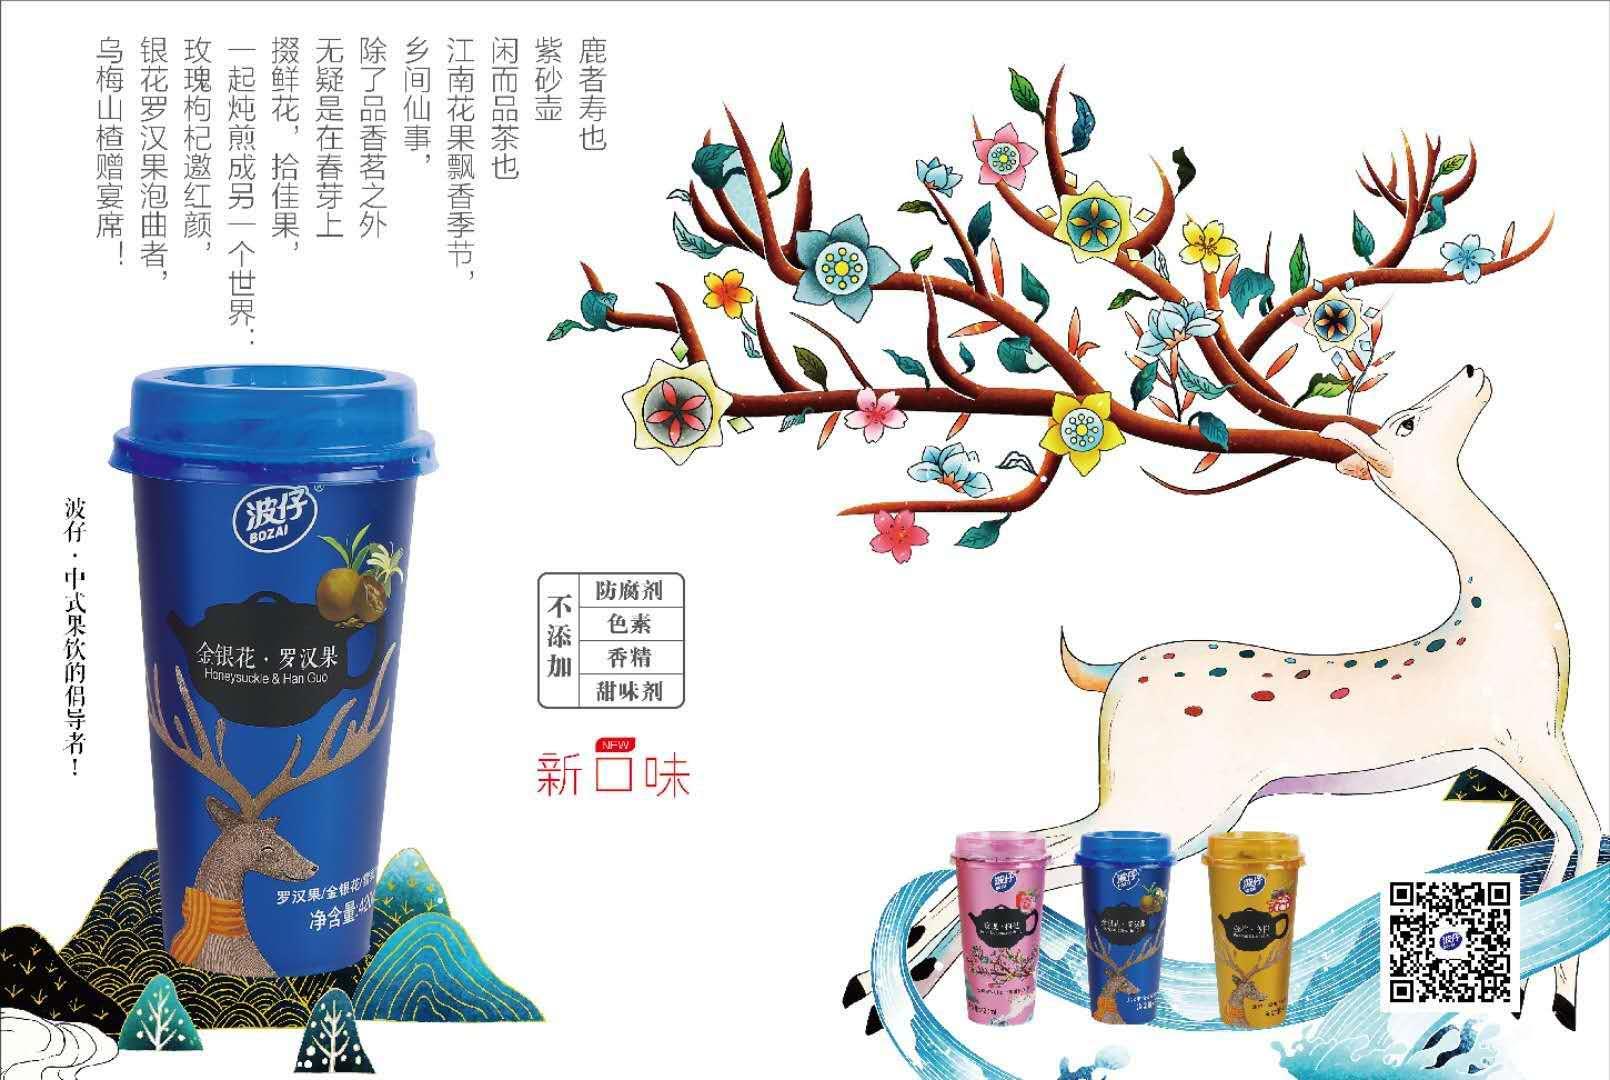 花果茶广告画2